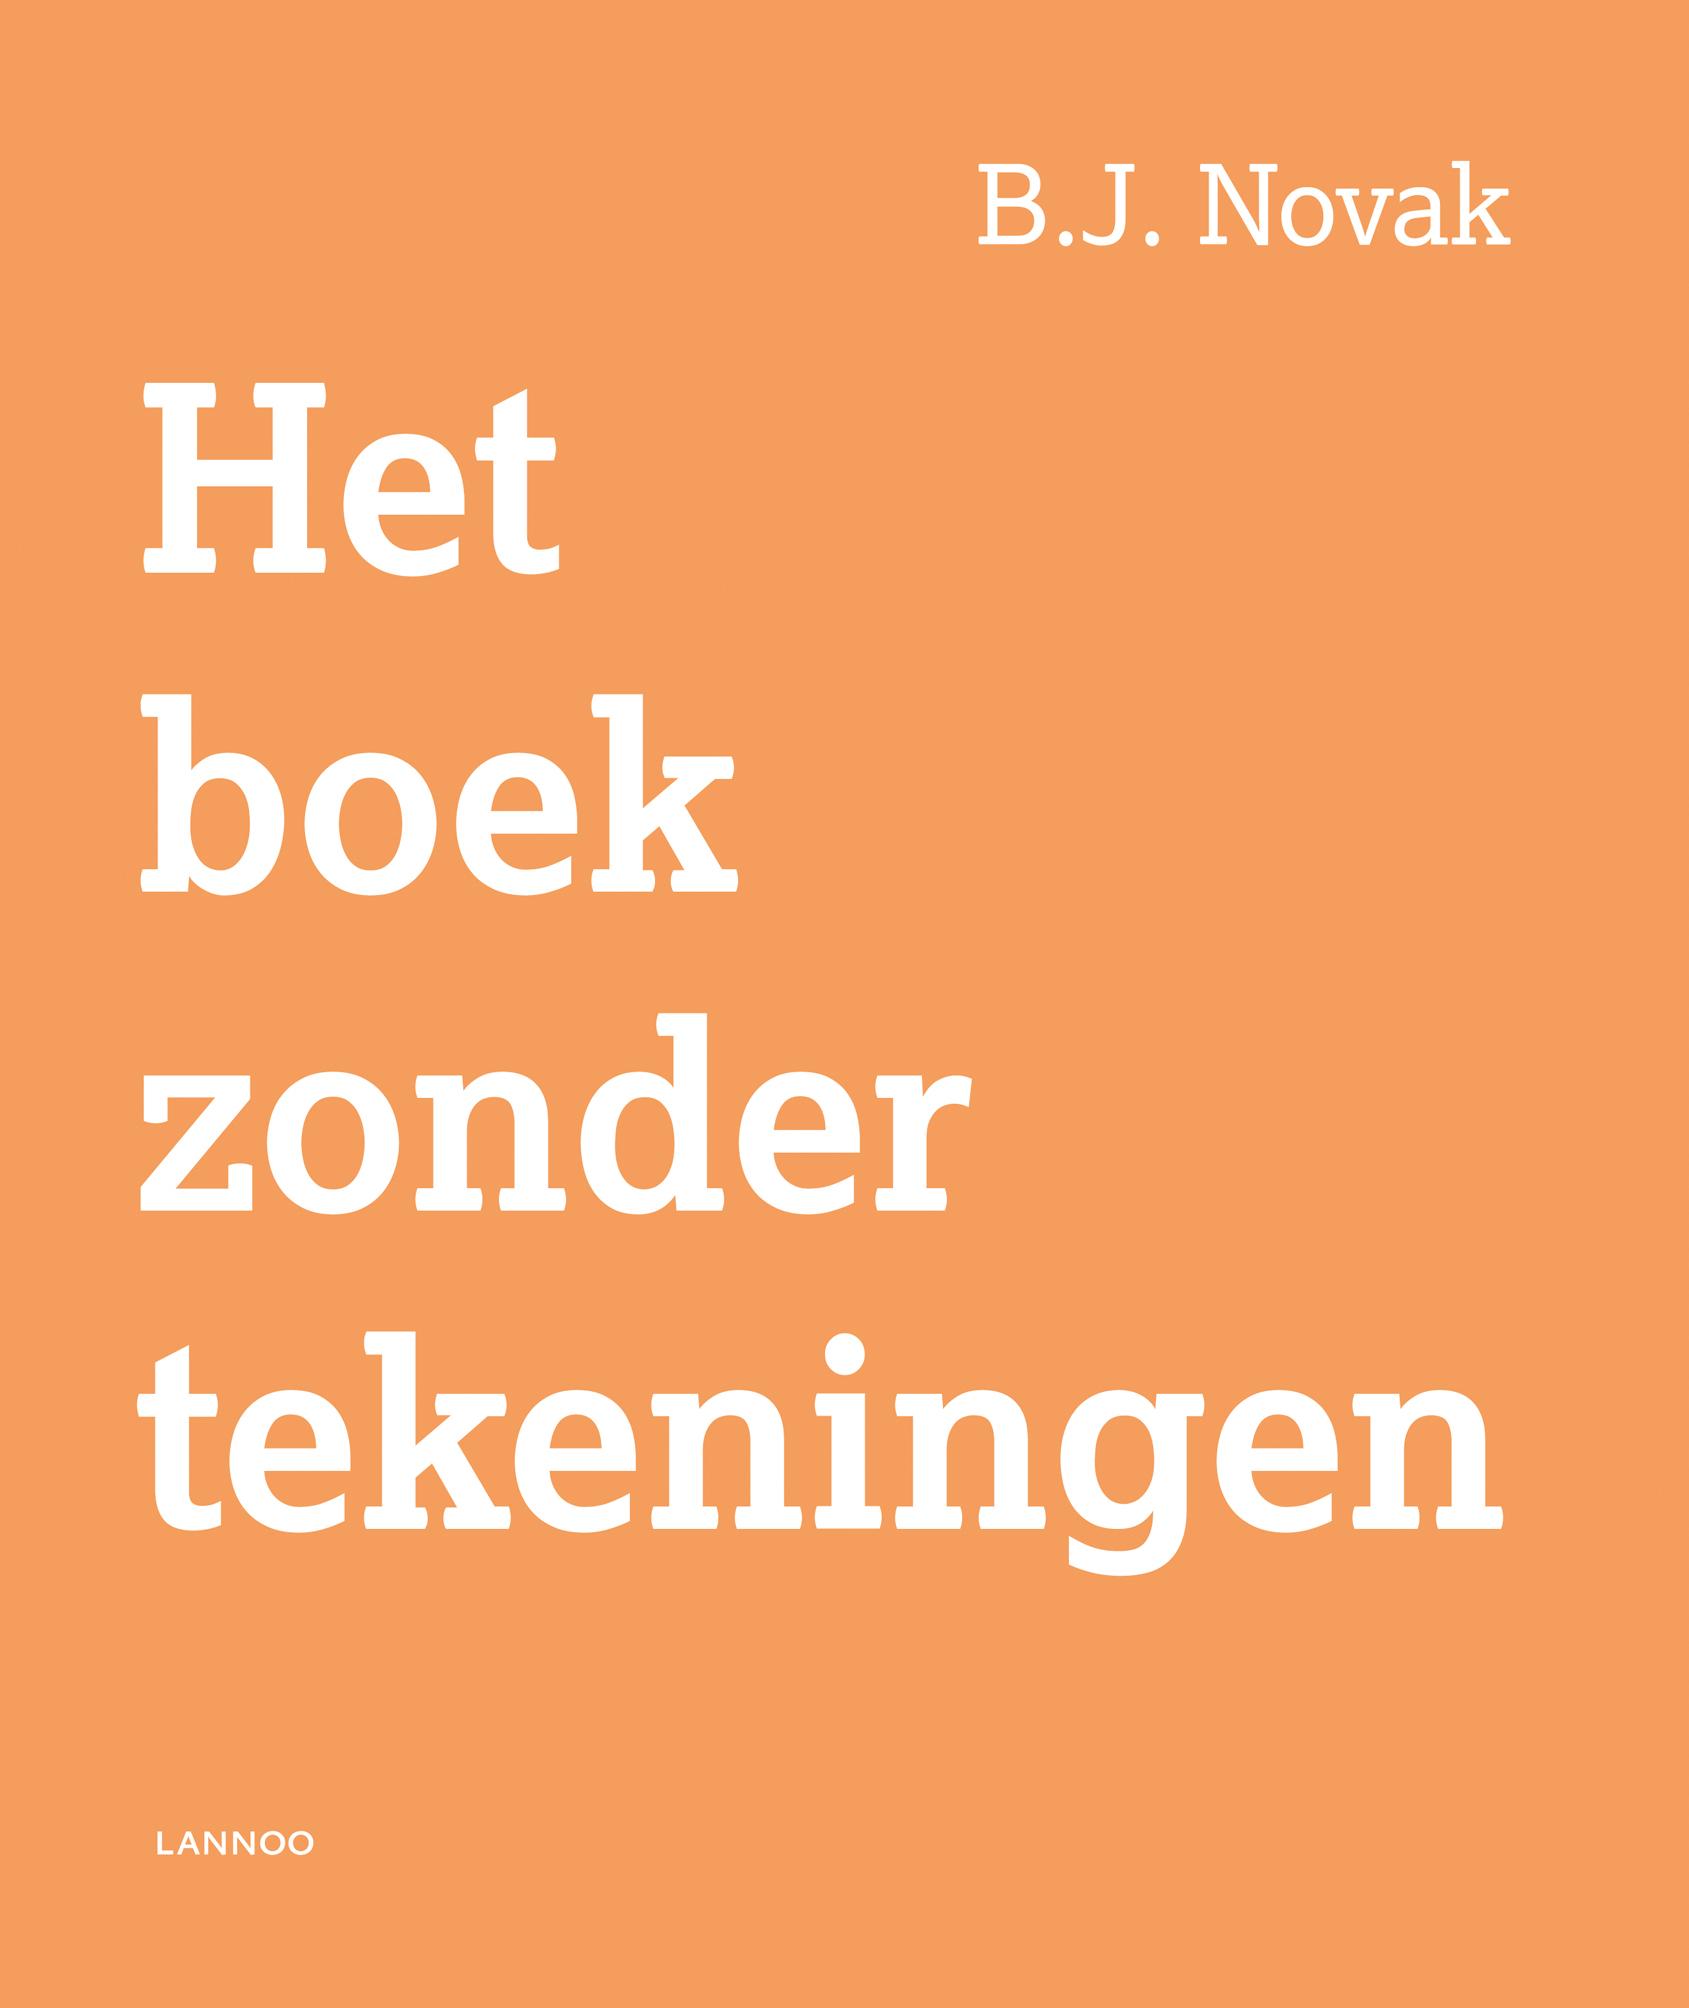 boek_zonder_tekeningen